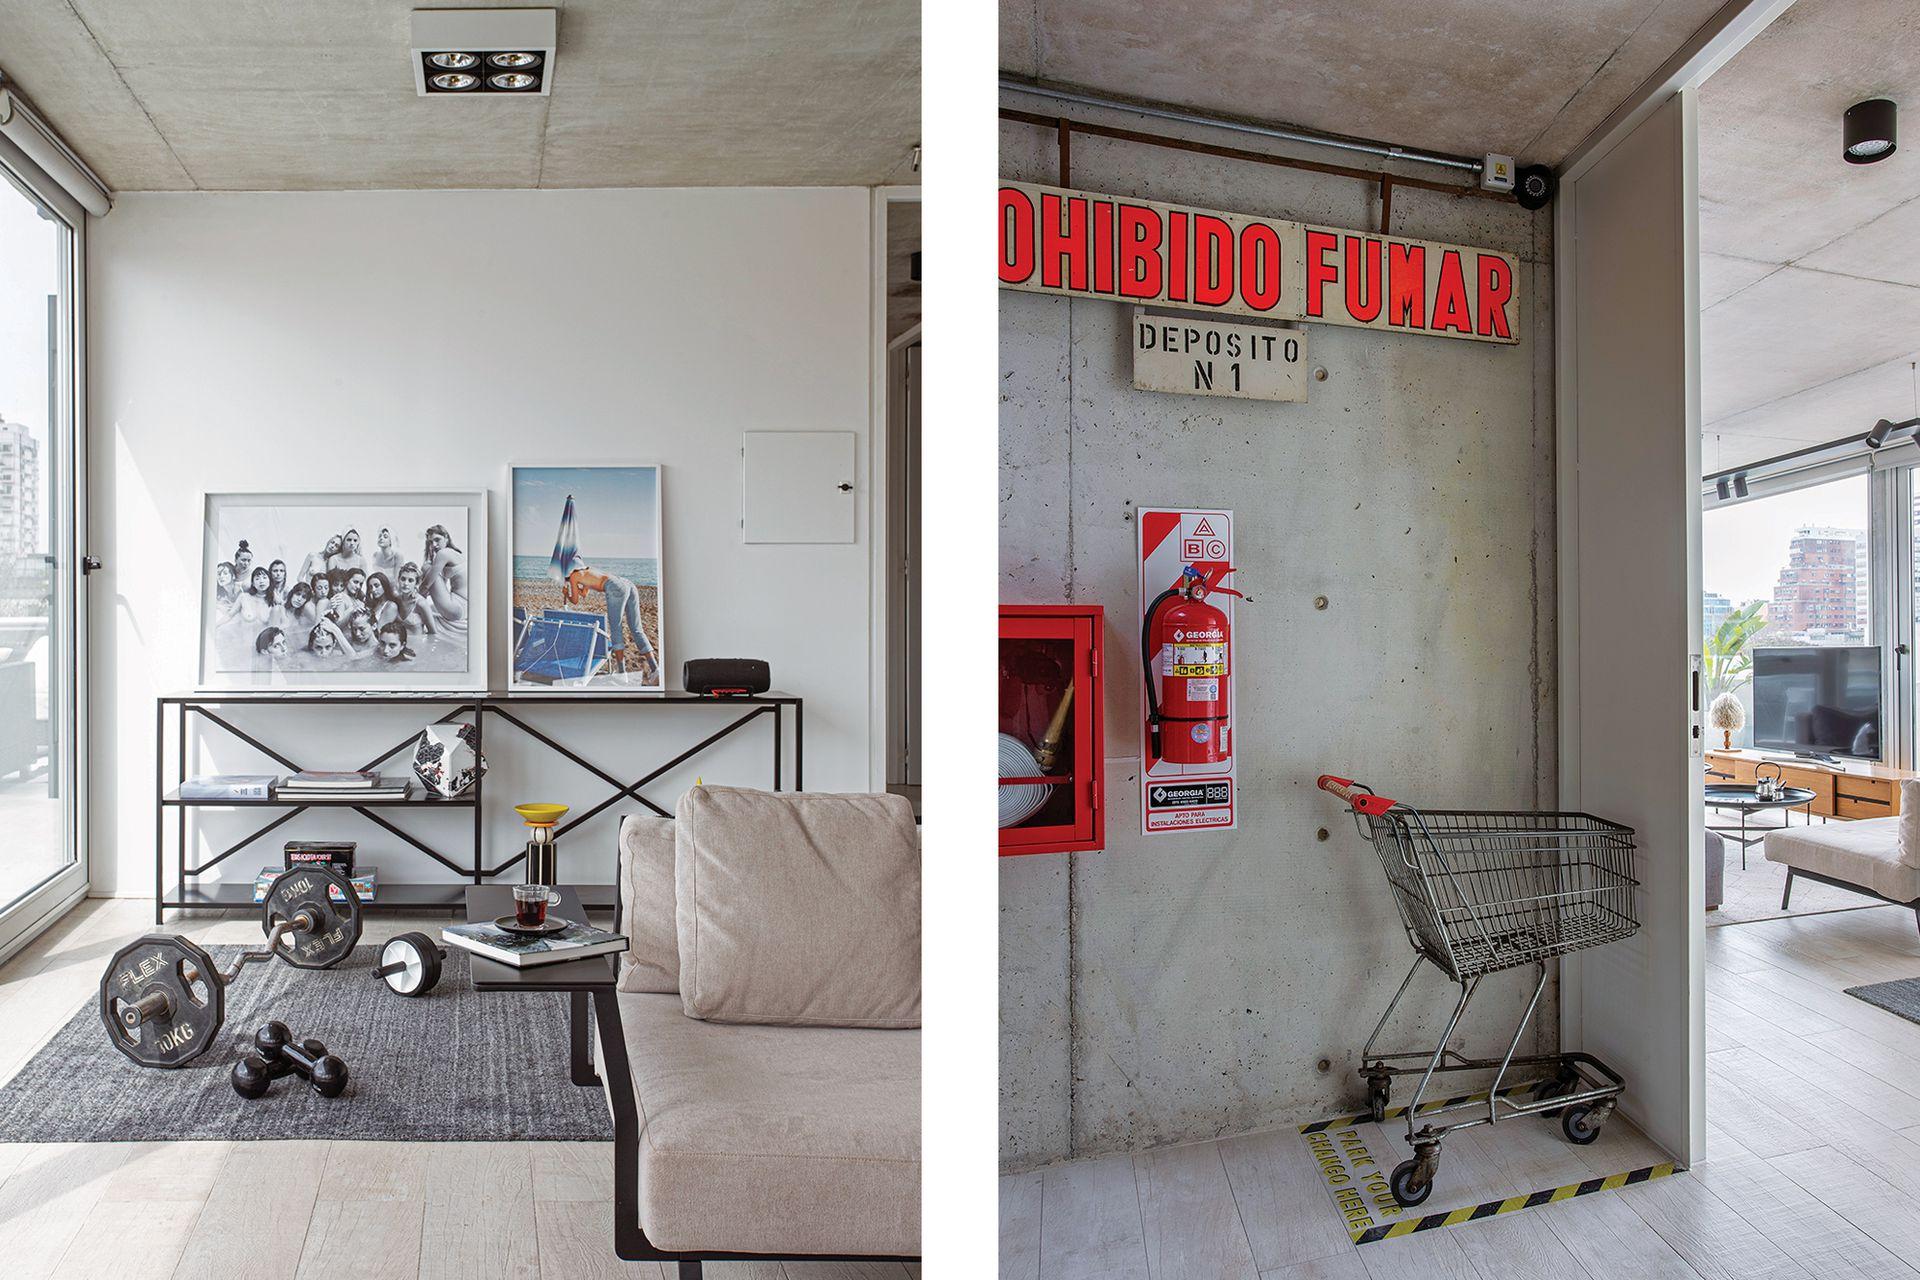 Consola de hierro (Estudio CDW). Fotos de Fausto Elizalde y Francesca Darget. En la entrada, un carro de súper y el cartel luminoso, objetos que cobran una nueva dimensión artística.